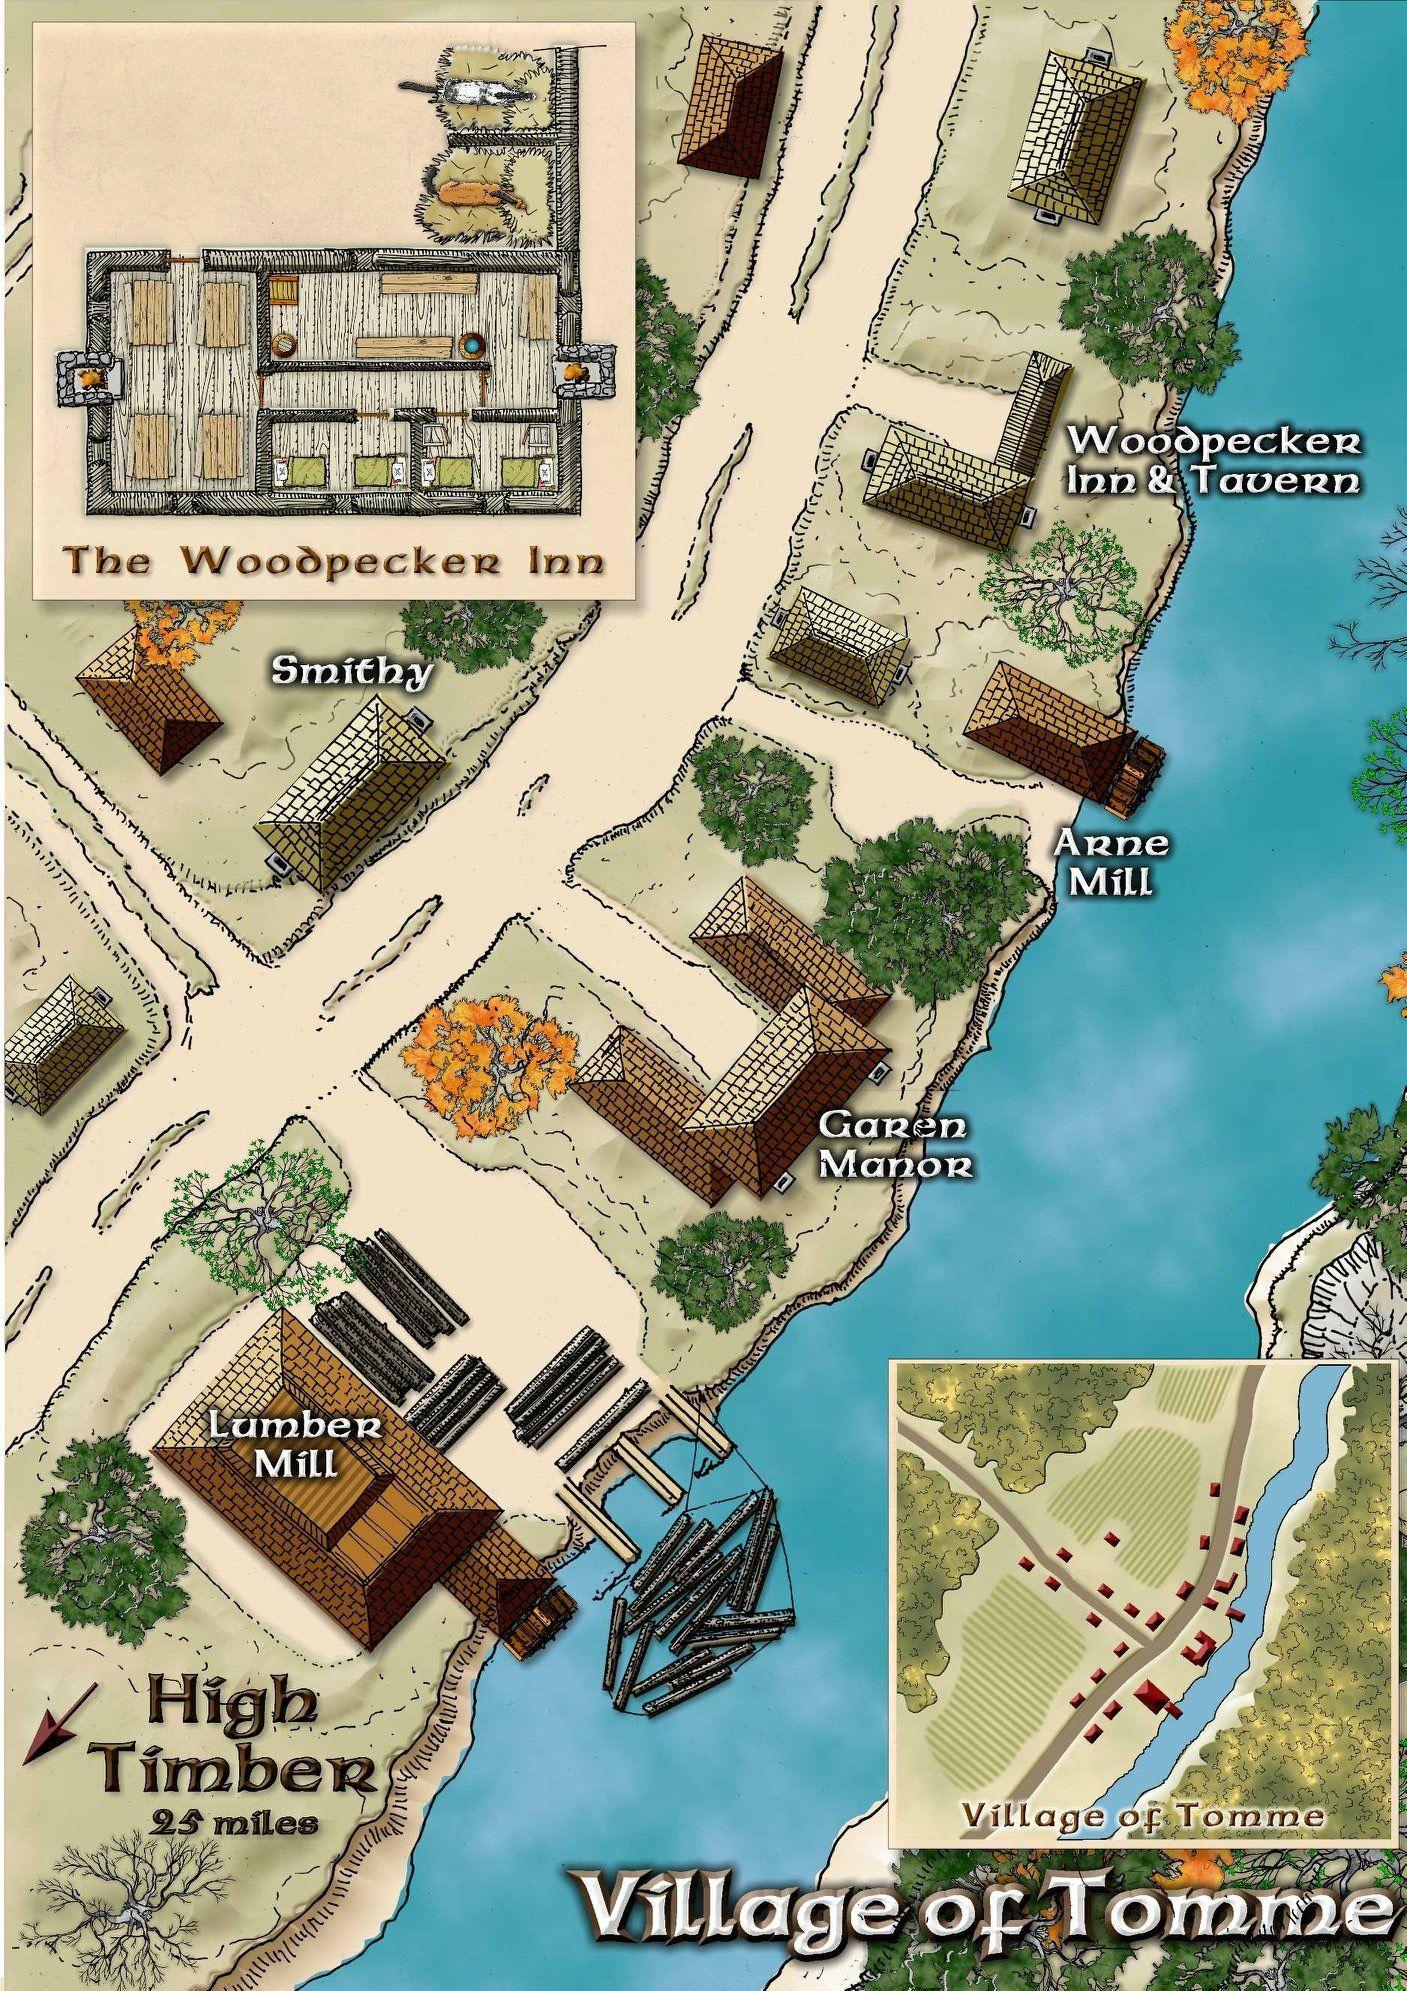 tomme village d d resources fantasy map city maps dungeons rh pinterest com